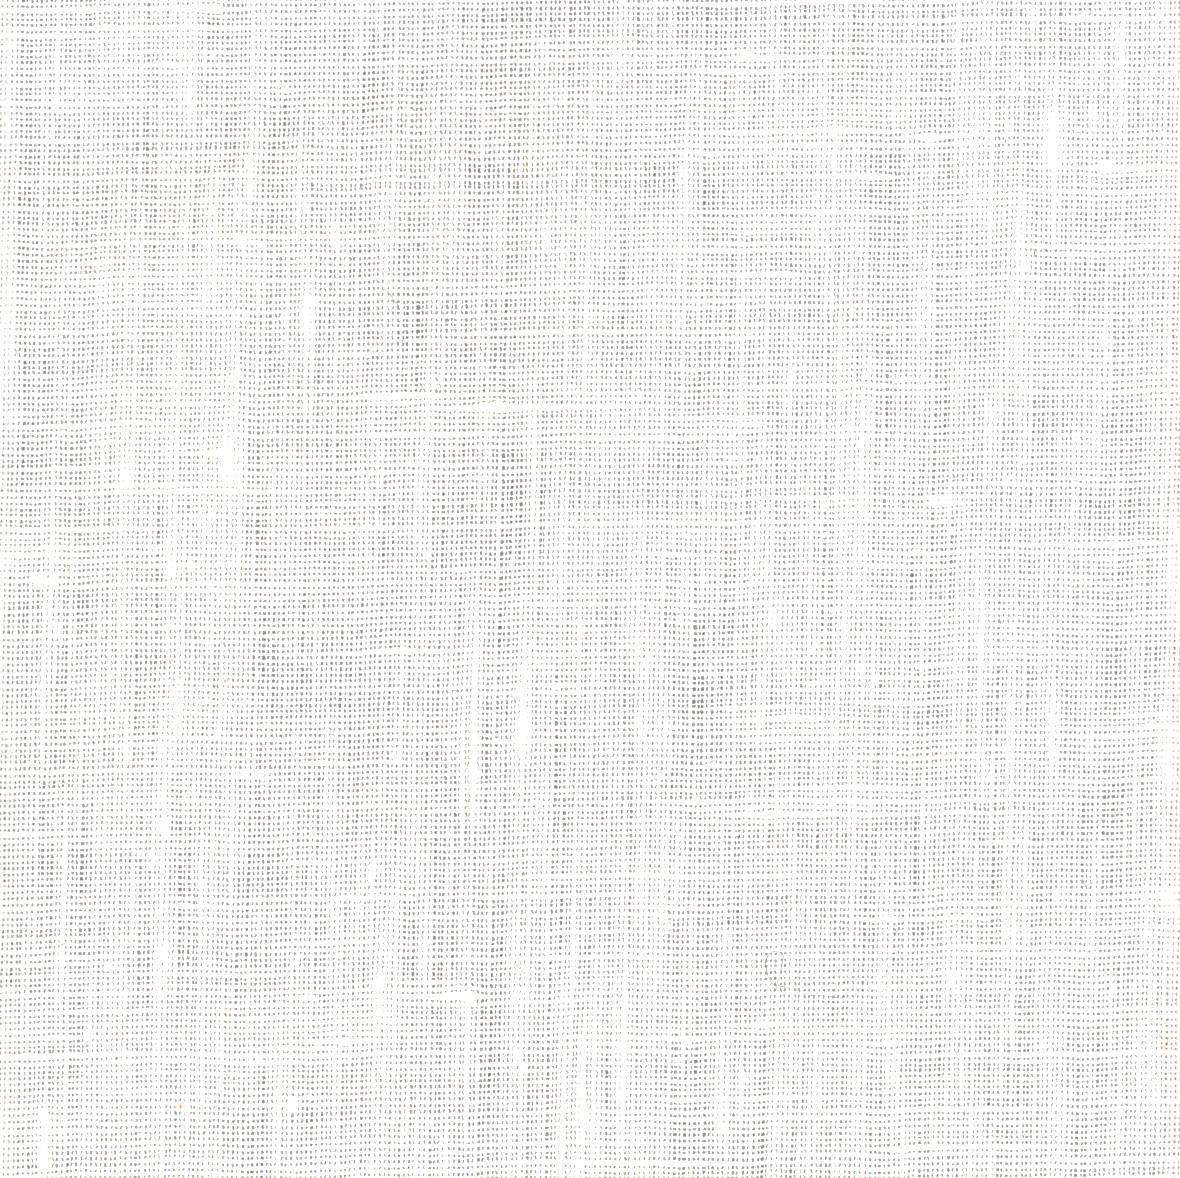 VULCANO TYPHOON Optical White Waterproof